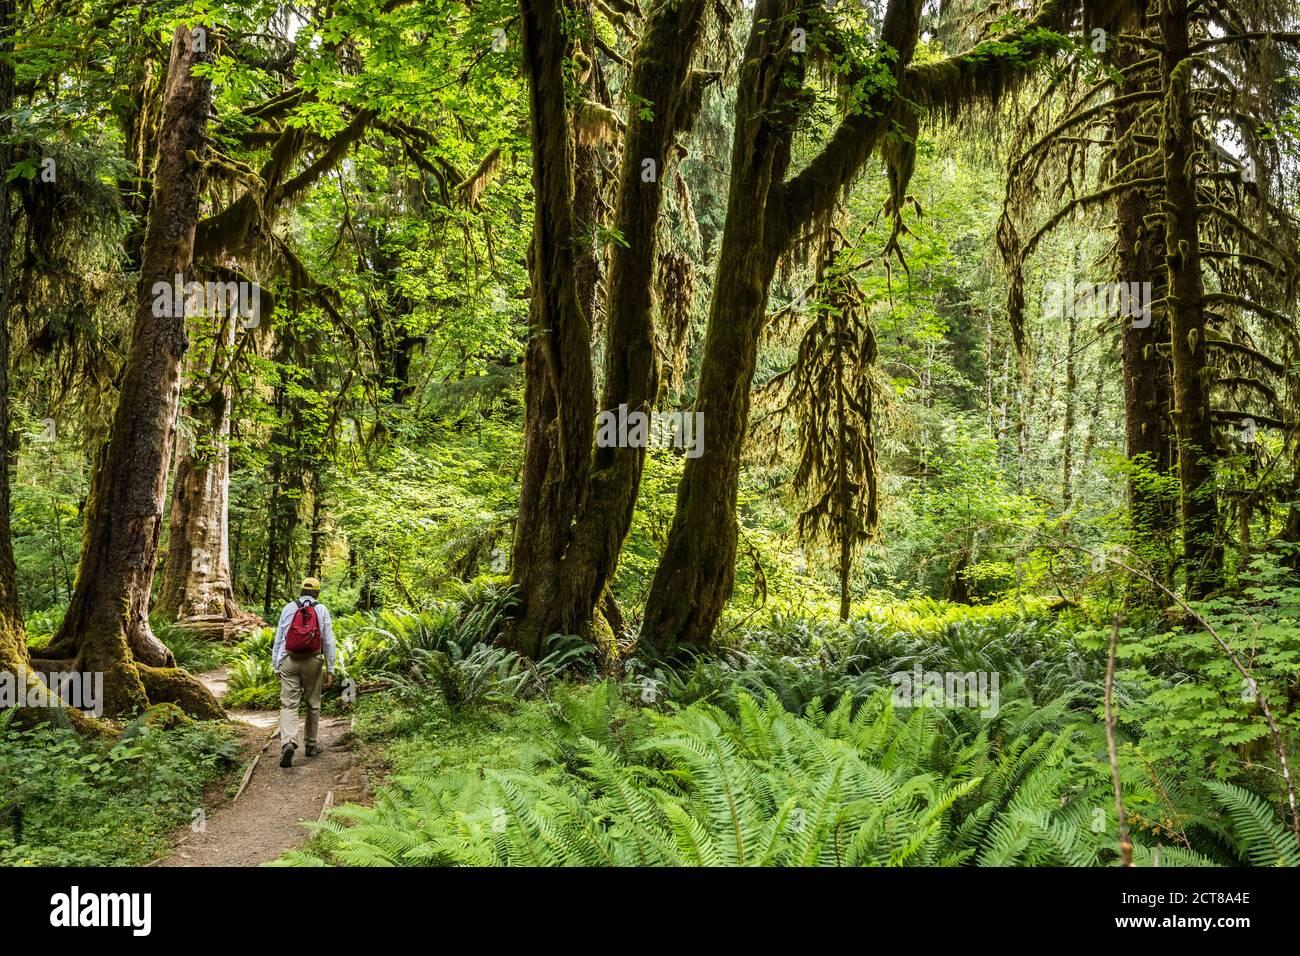 Un homme randonnée sur le sentier de la rivière Hoh, forêt tropicale de Hoh, Parc national olympique, Washington, États-Unis. Banque D'Images